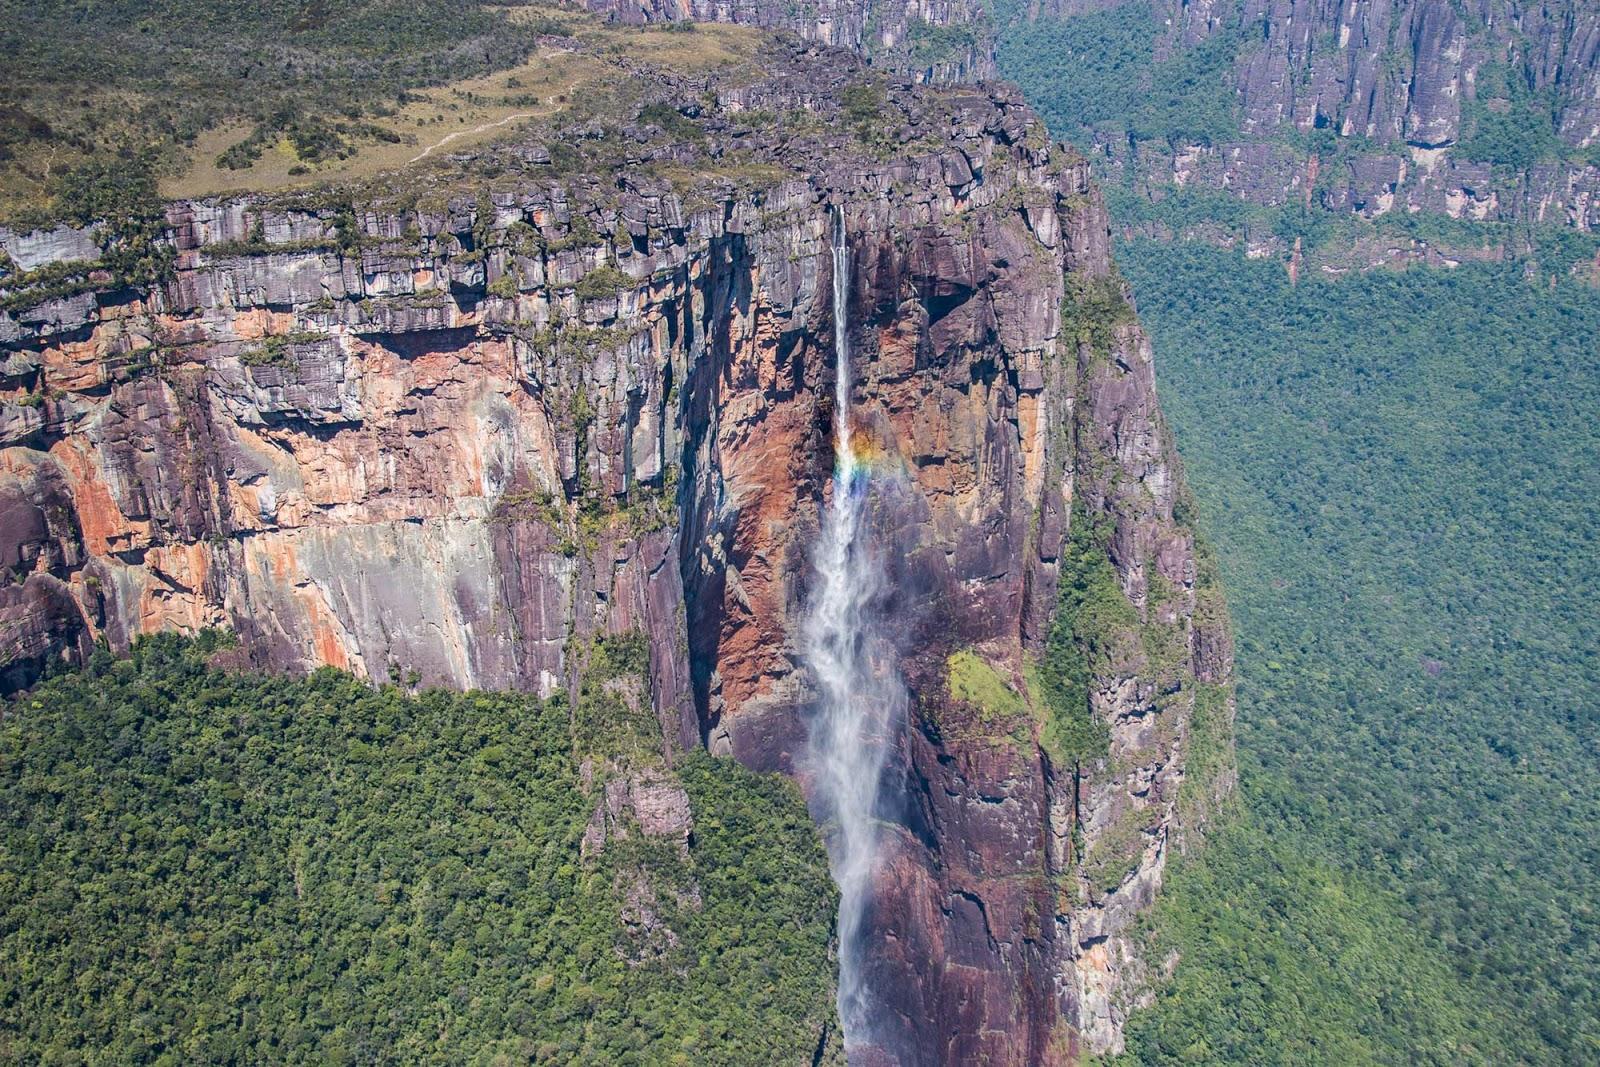 натяжные потолки самый высокий водопад в мире фото подтверждение этого